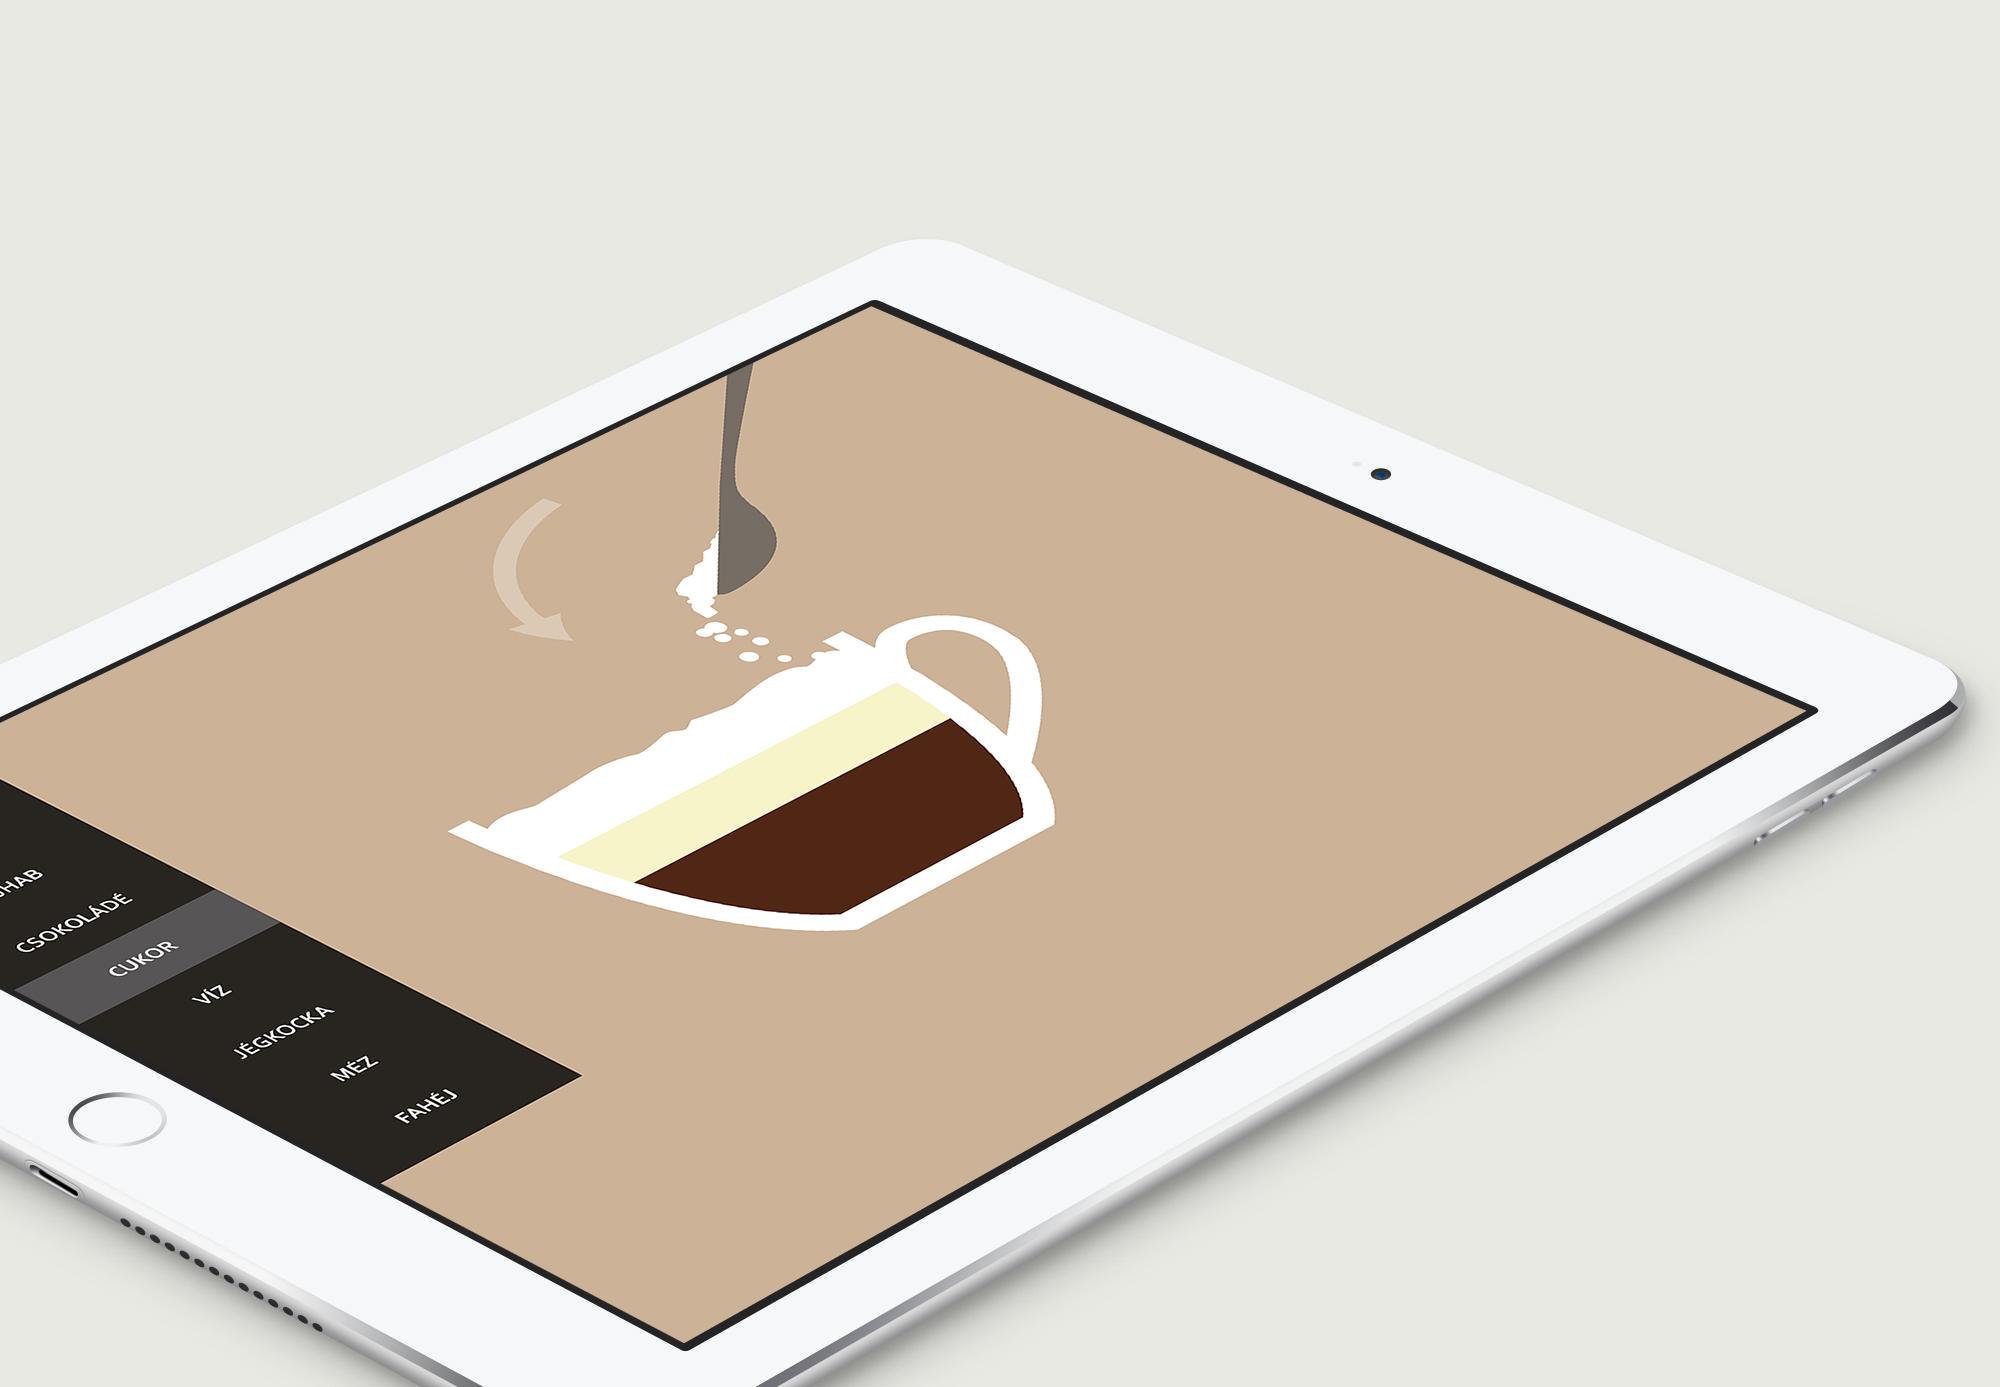 coffe_10.jpg